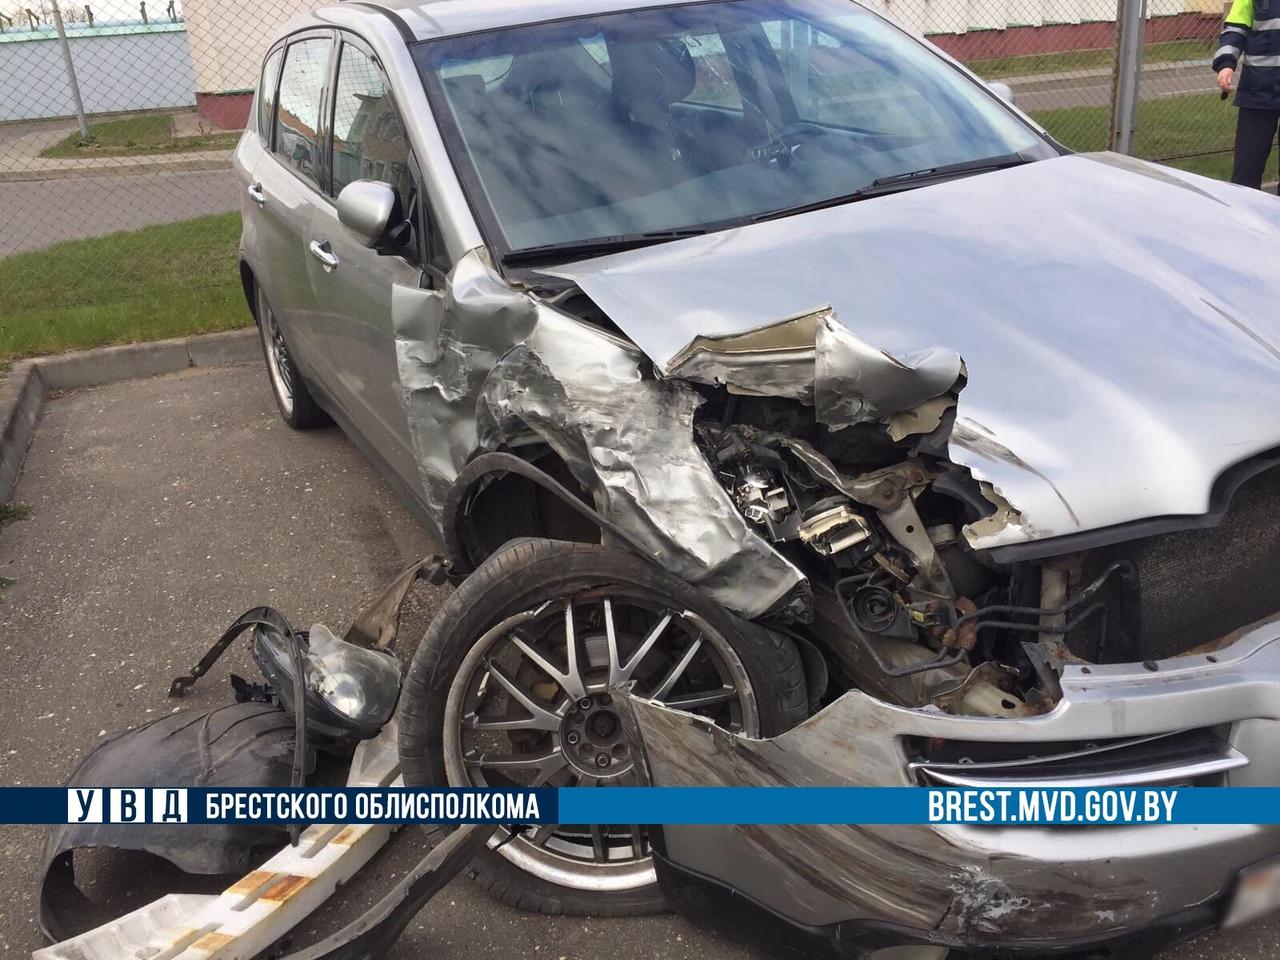 Конкретный замес... В г. Барановичи «курьезное» ДТП, повреждены 7 автомобилей